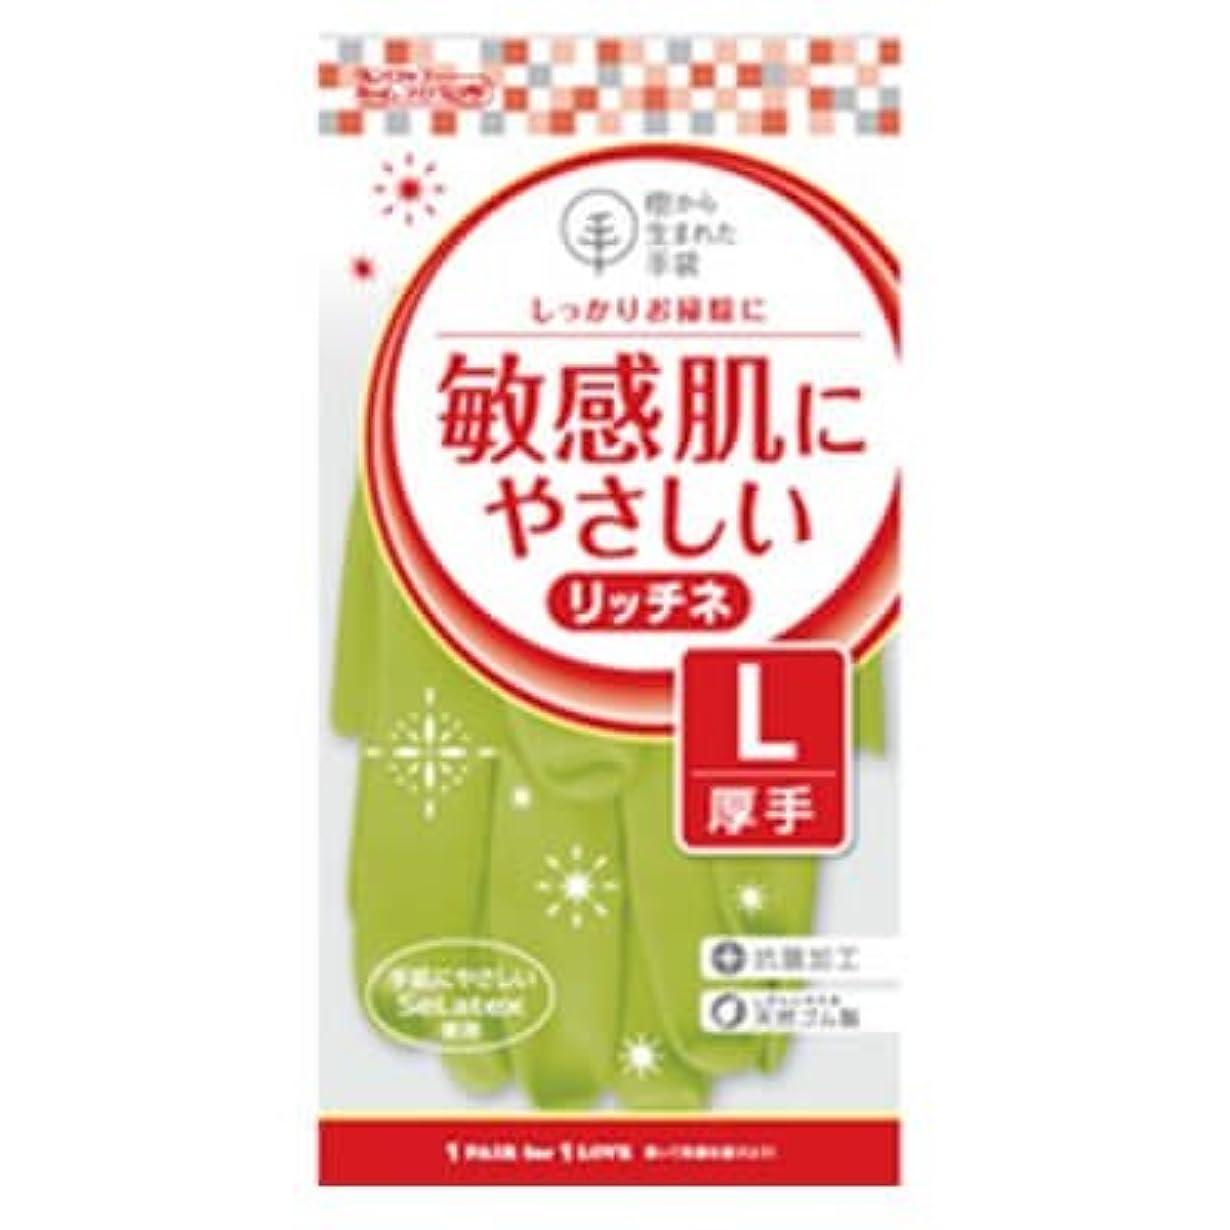 クリスマス舗装する生理【ケース販売】 ダンロップ 敏感肌にやさしい リッチネ 厚手 L グリーン (10双×12袋)